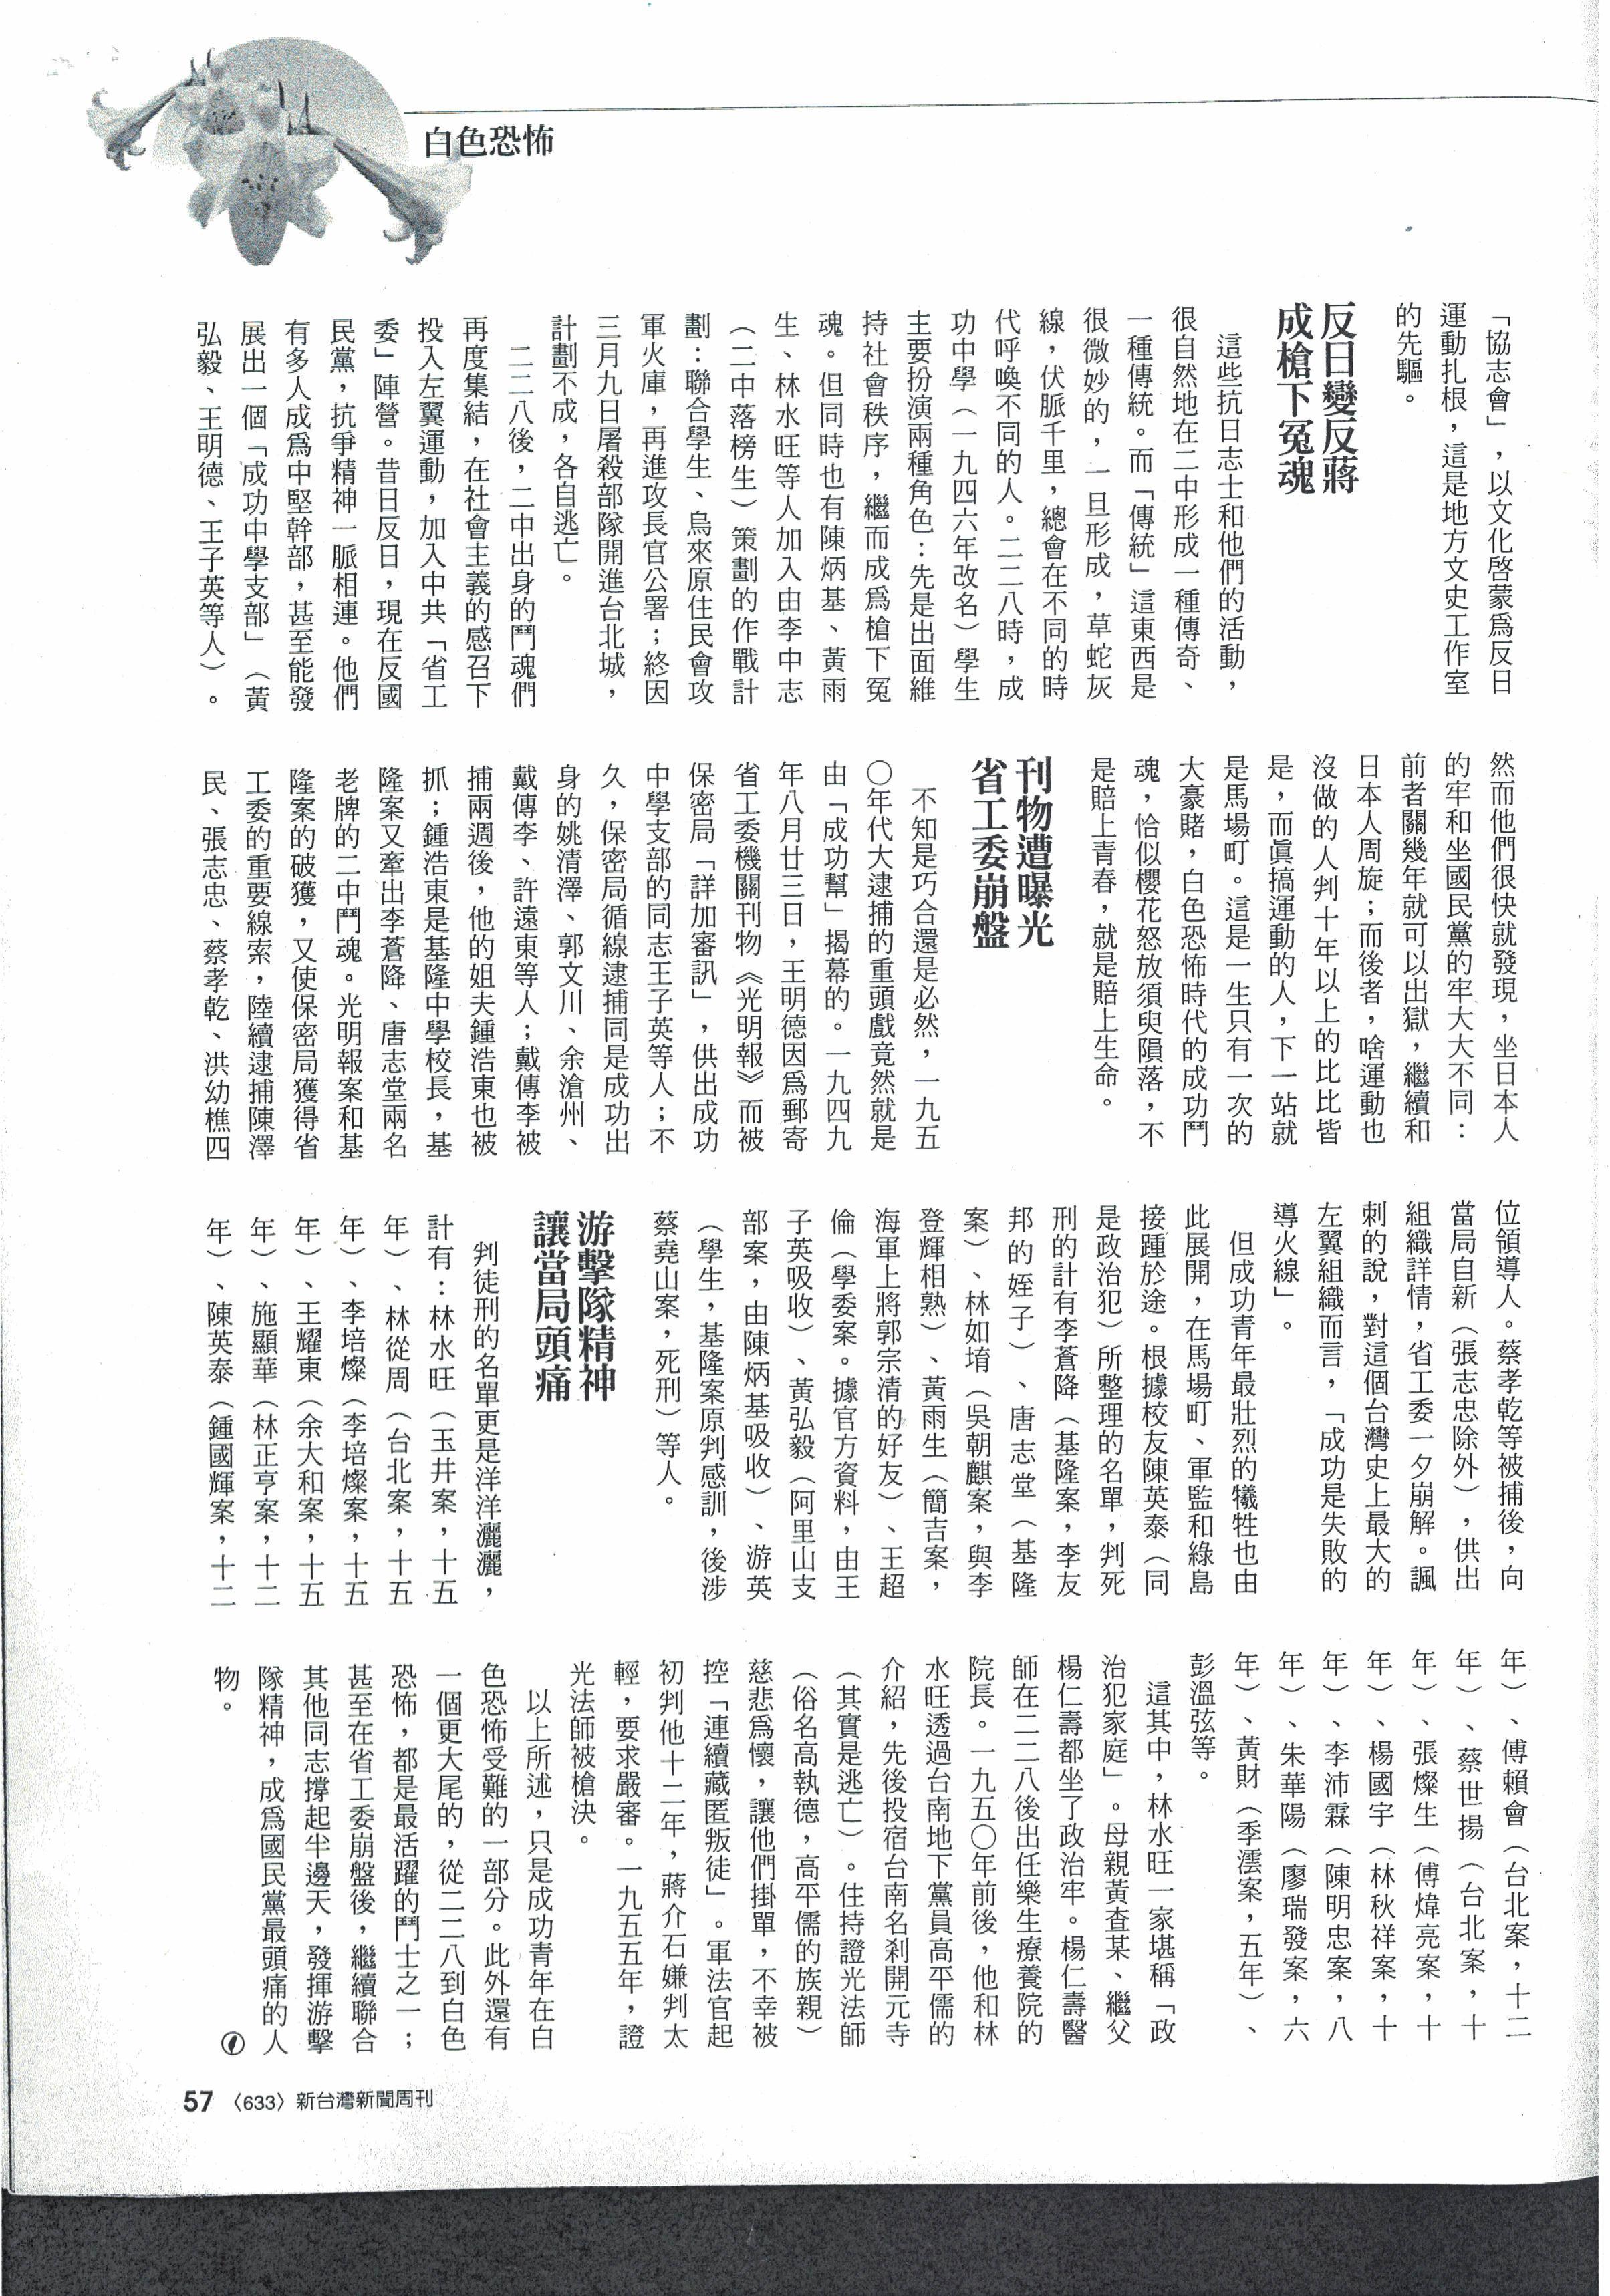 政治犯濟濟 成功鬥魂永流傳page2